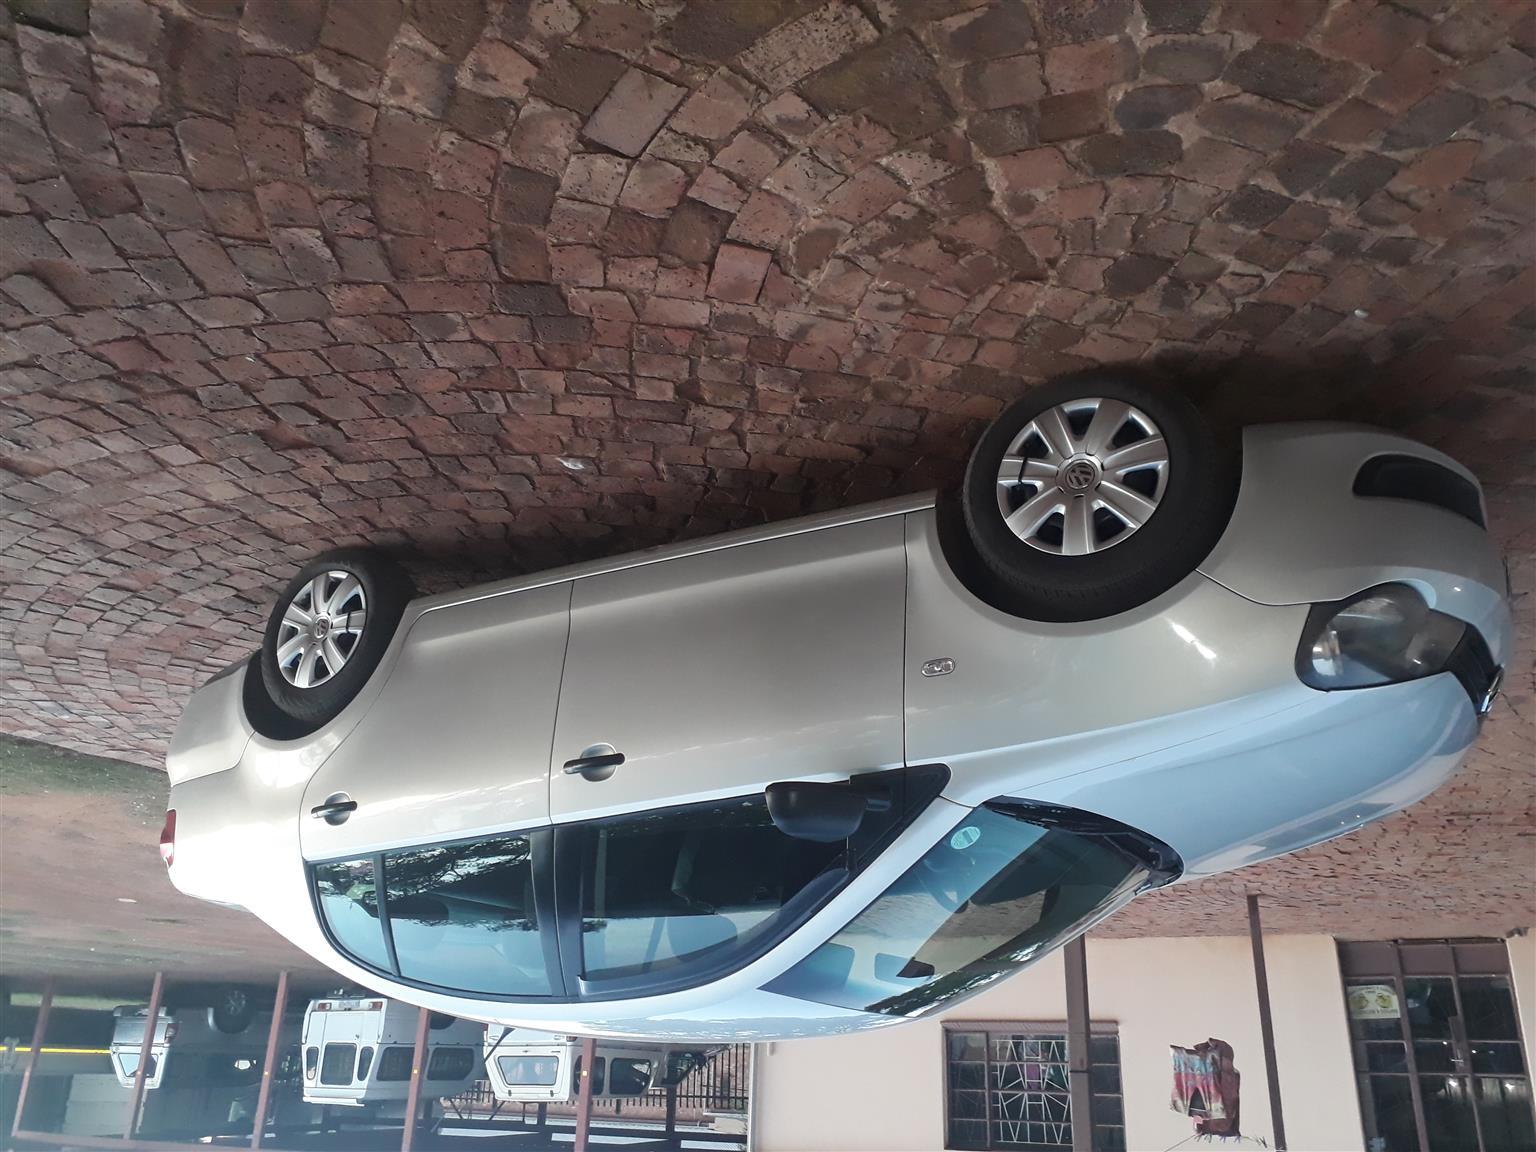 2011 VW Polo Vivo sedan 1.4TSI Highline